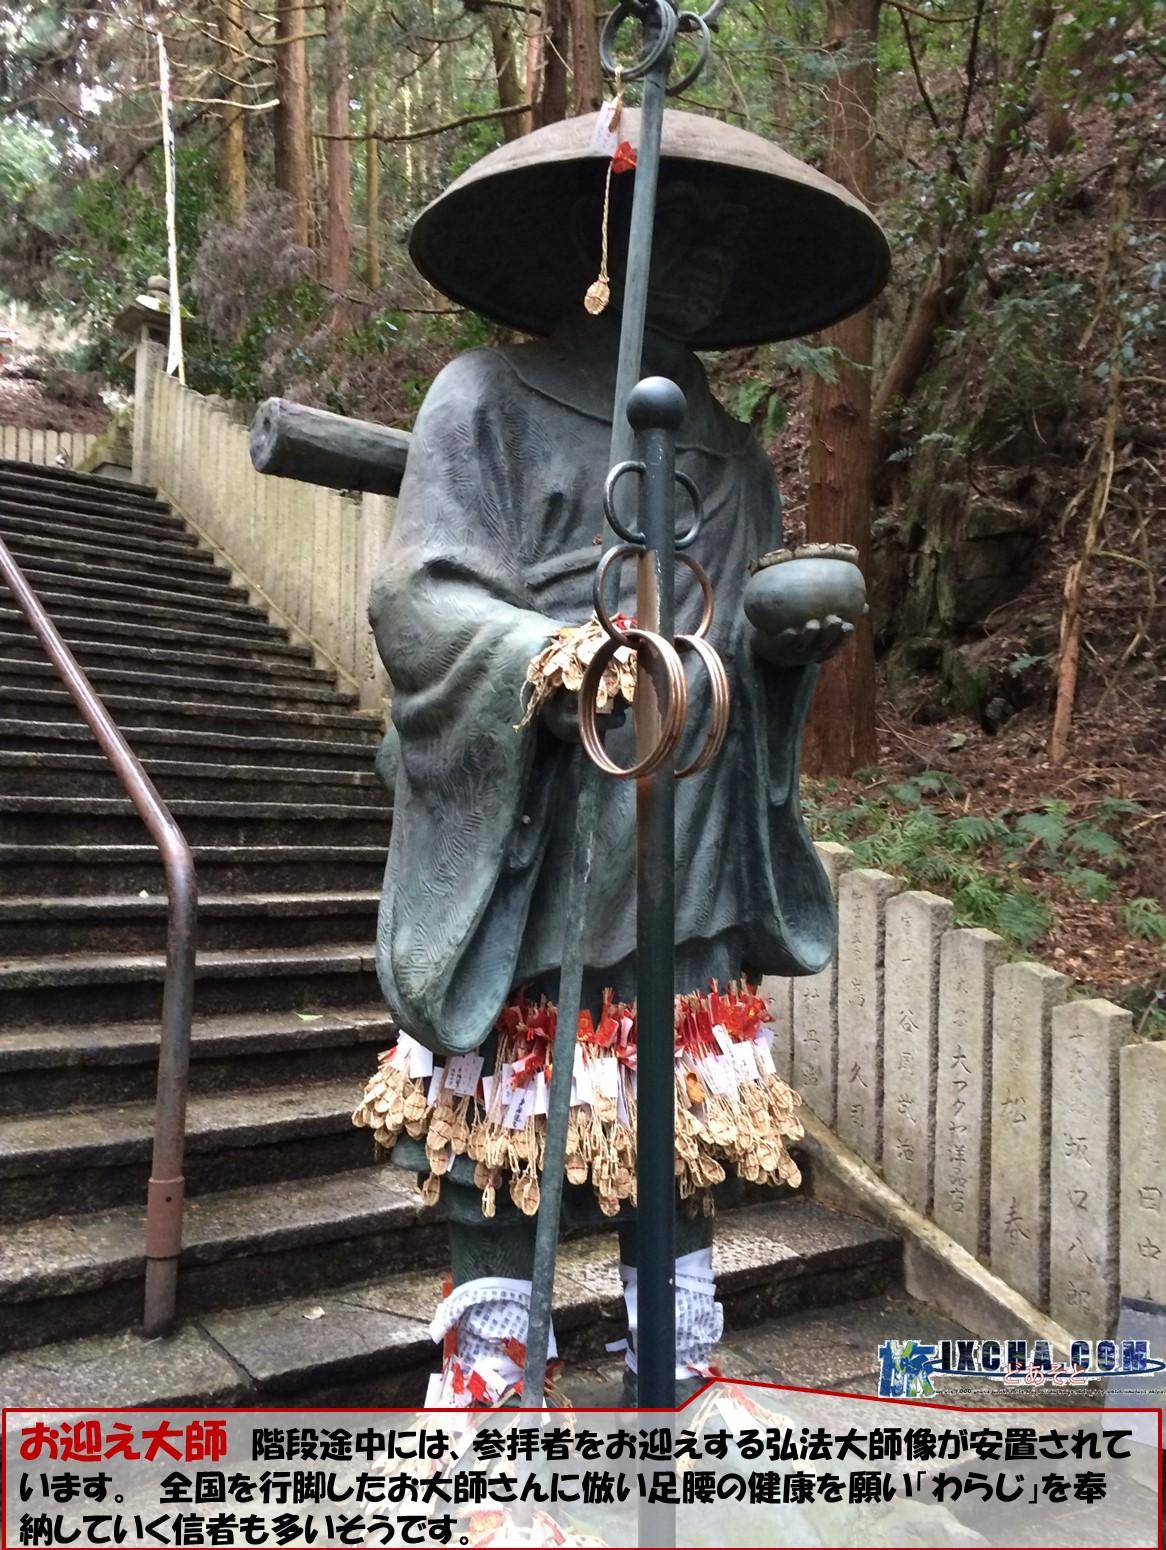 お迎え大師 階段途中には、参拝者をお迎えする弘法大師像が安置されています。 全国を行脚したお大師さんに倣い足腰の健康を願い「わらじ」を奉納していく信者も多いそうです。